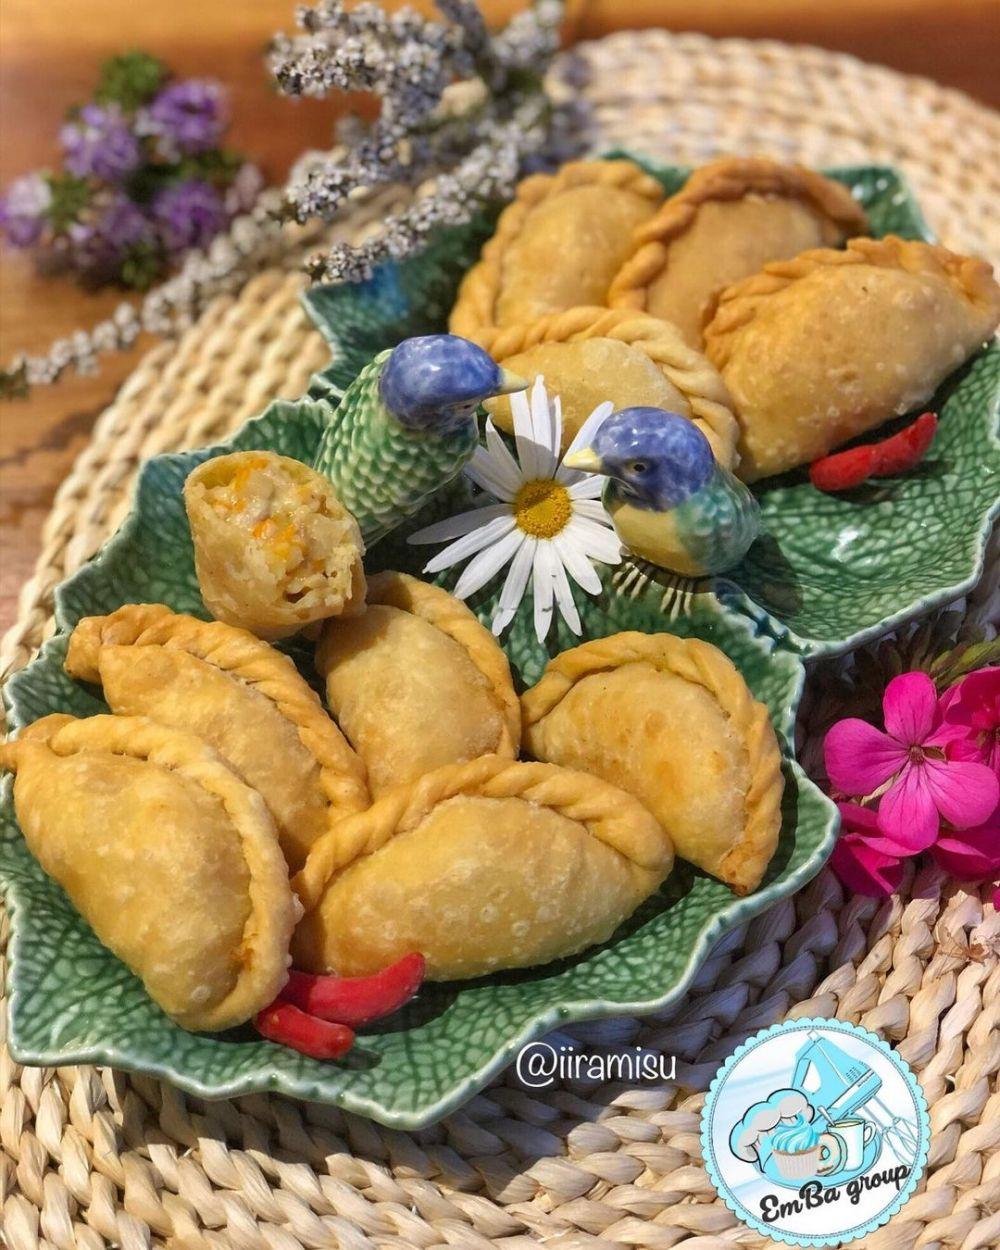 Resep camilan ragout © 2020 brilio.net berbagai sumber